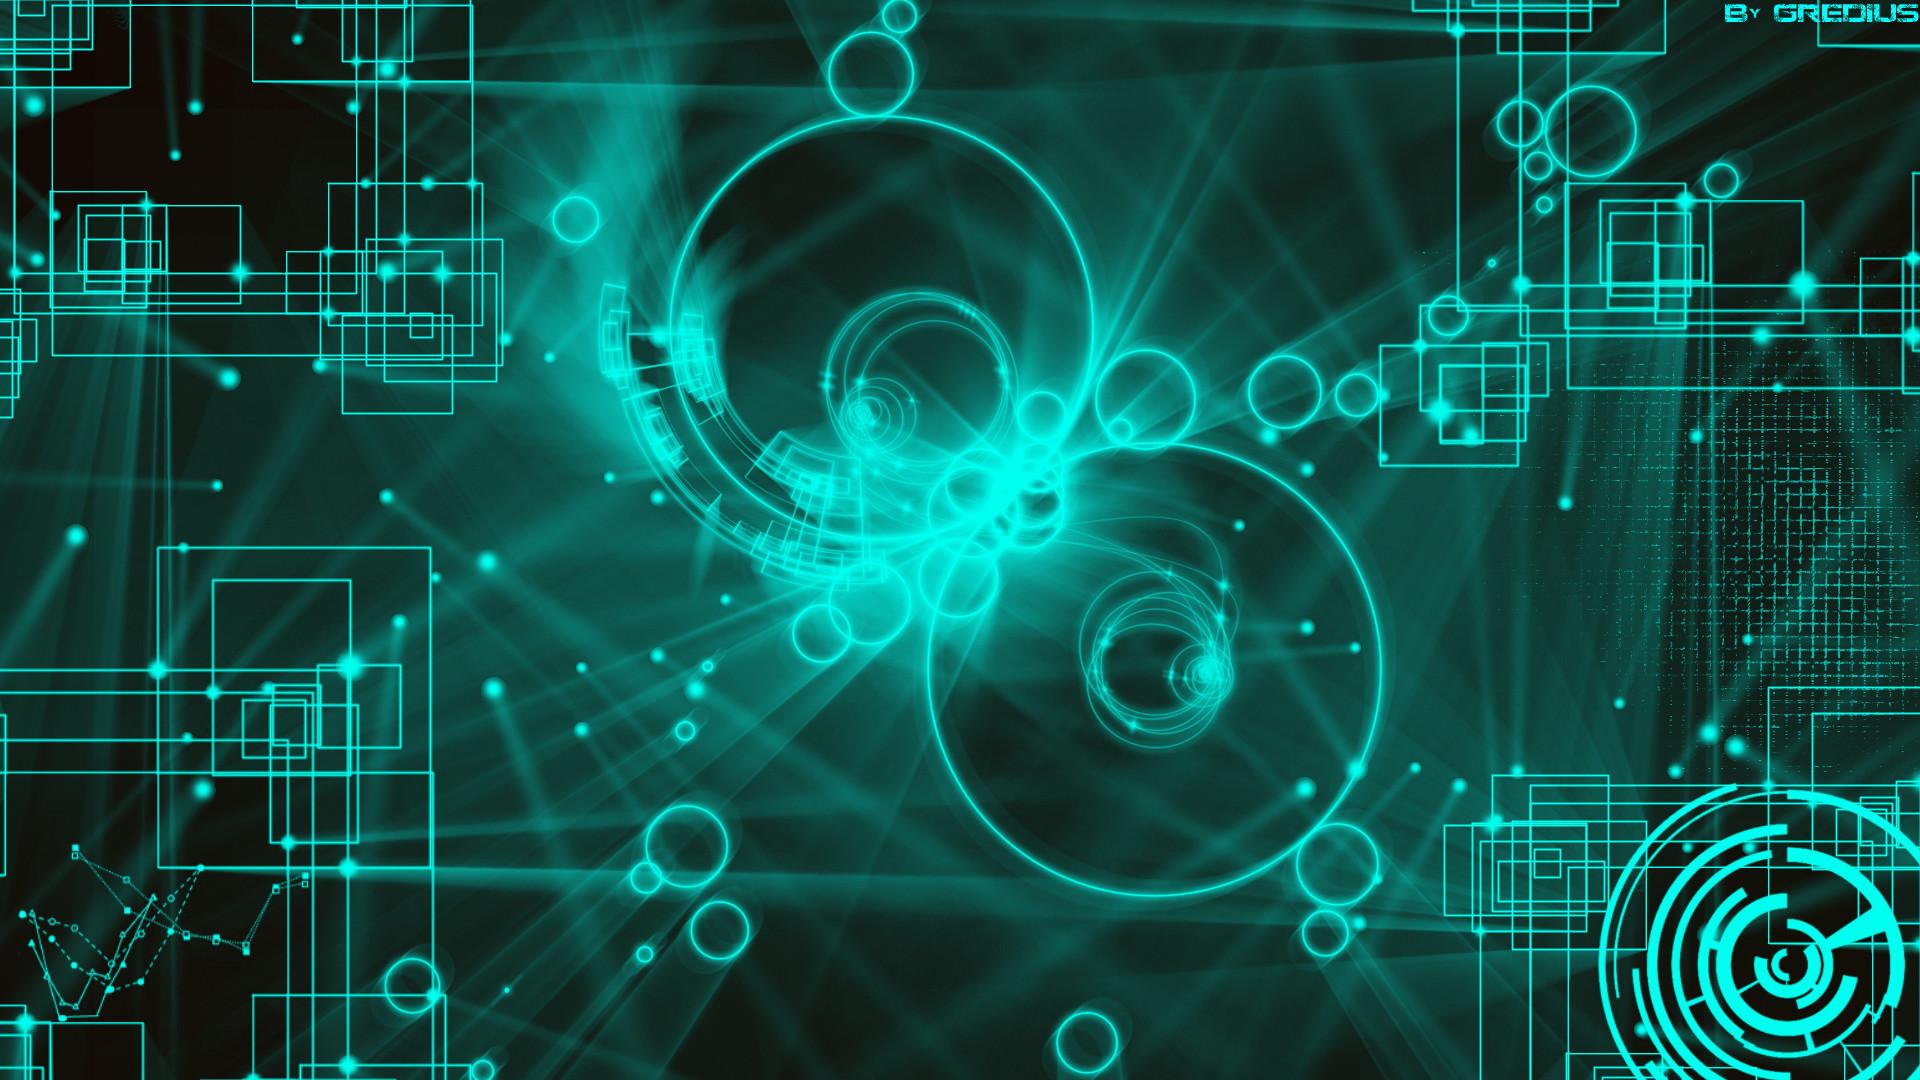 wallpaper   Techno Abstract Wallpaper HD High Definition Wallpaper,  Widescreen .